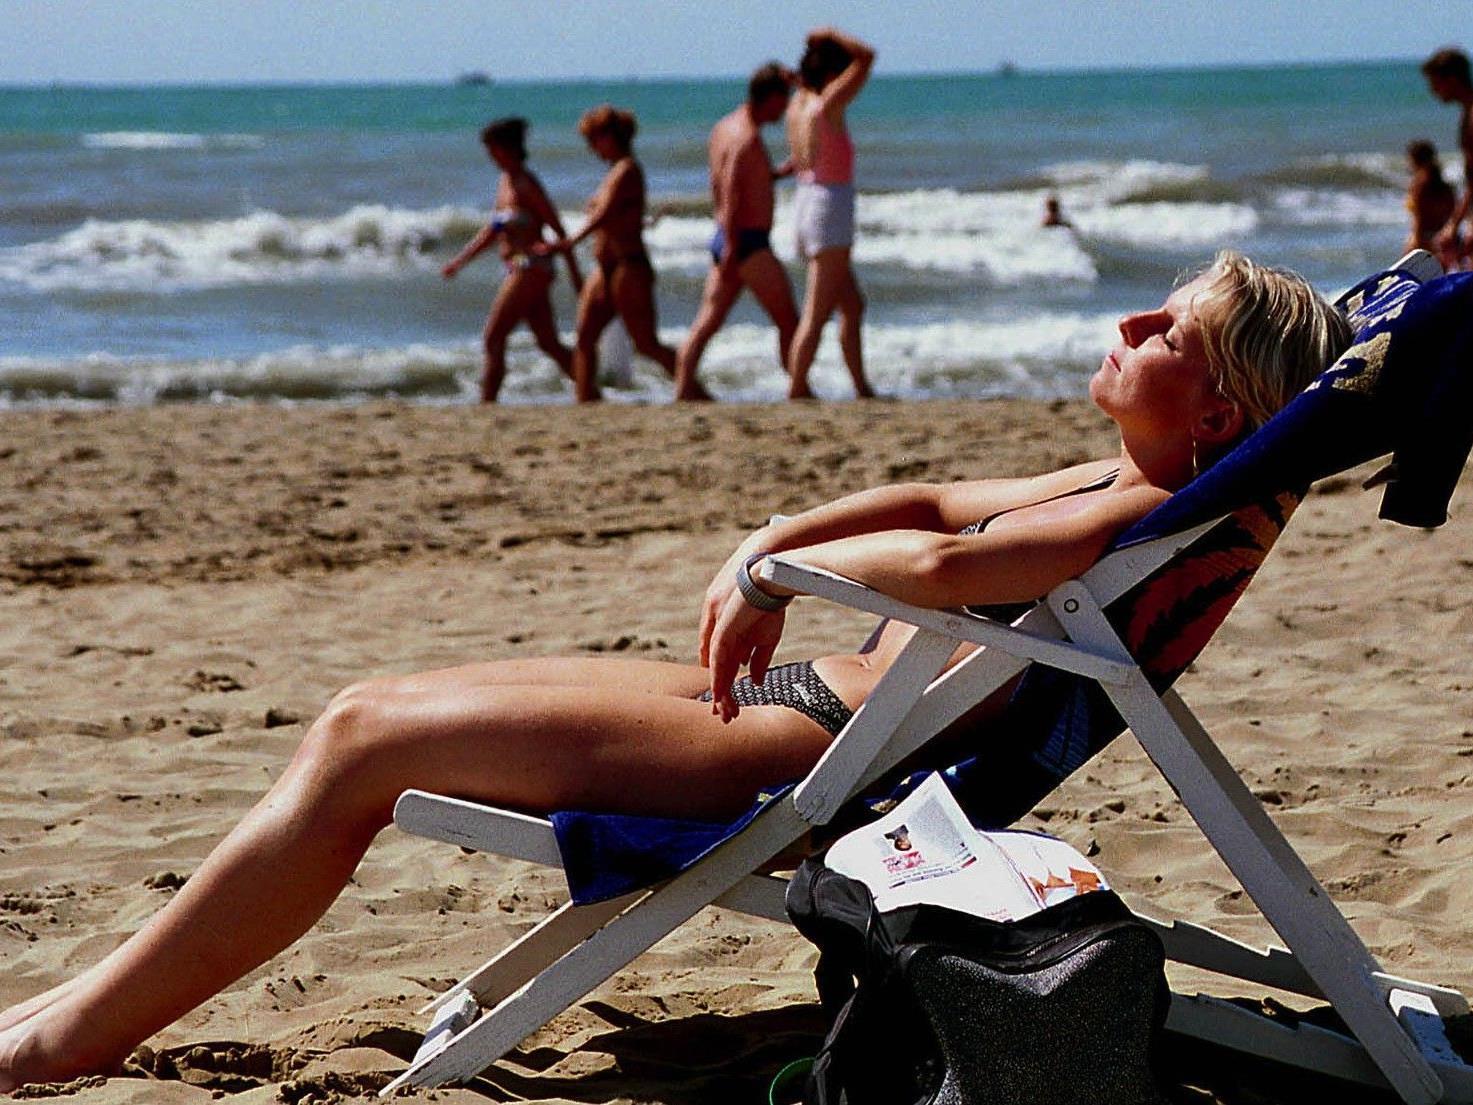 Sonnenbaden und Sonnenbrand gehen meistens Hand in Hand. Wir haben hilfreiche Tipps.